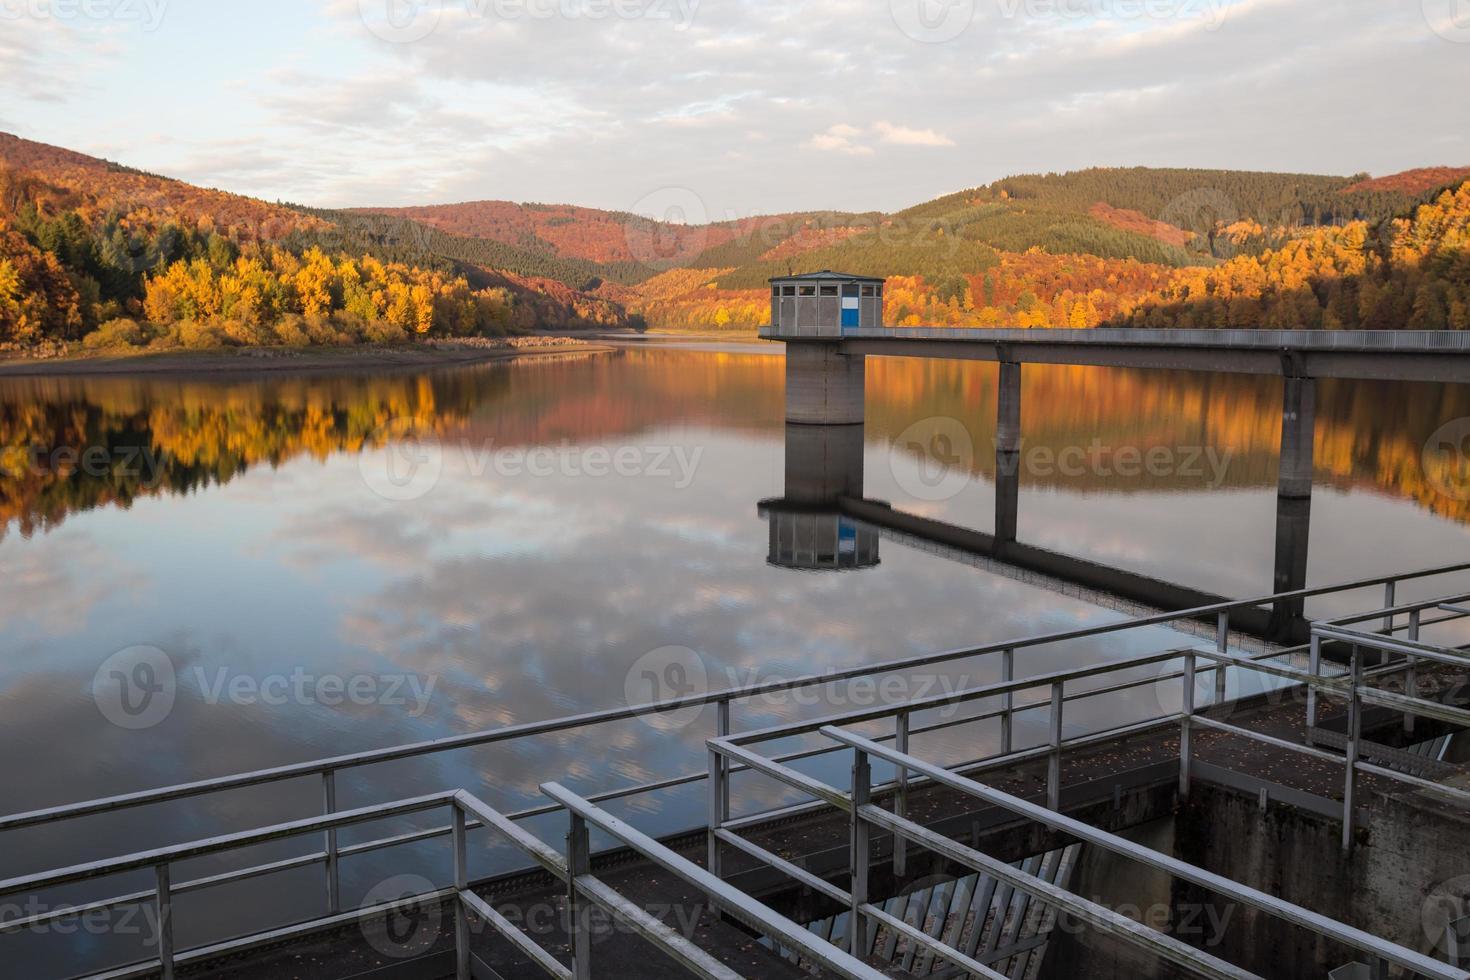 diga di acqua potabile in autunno foto